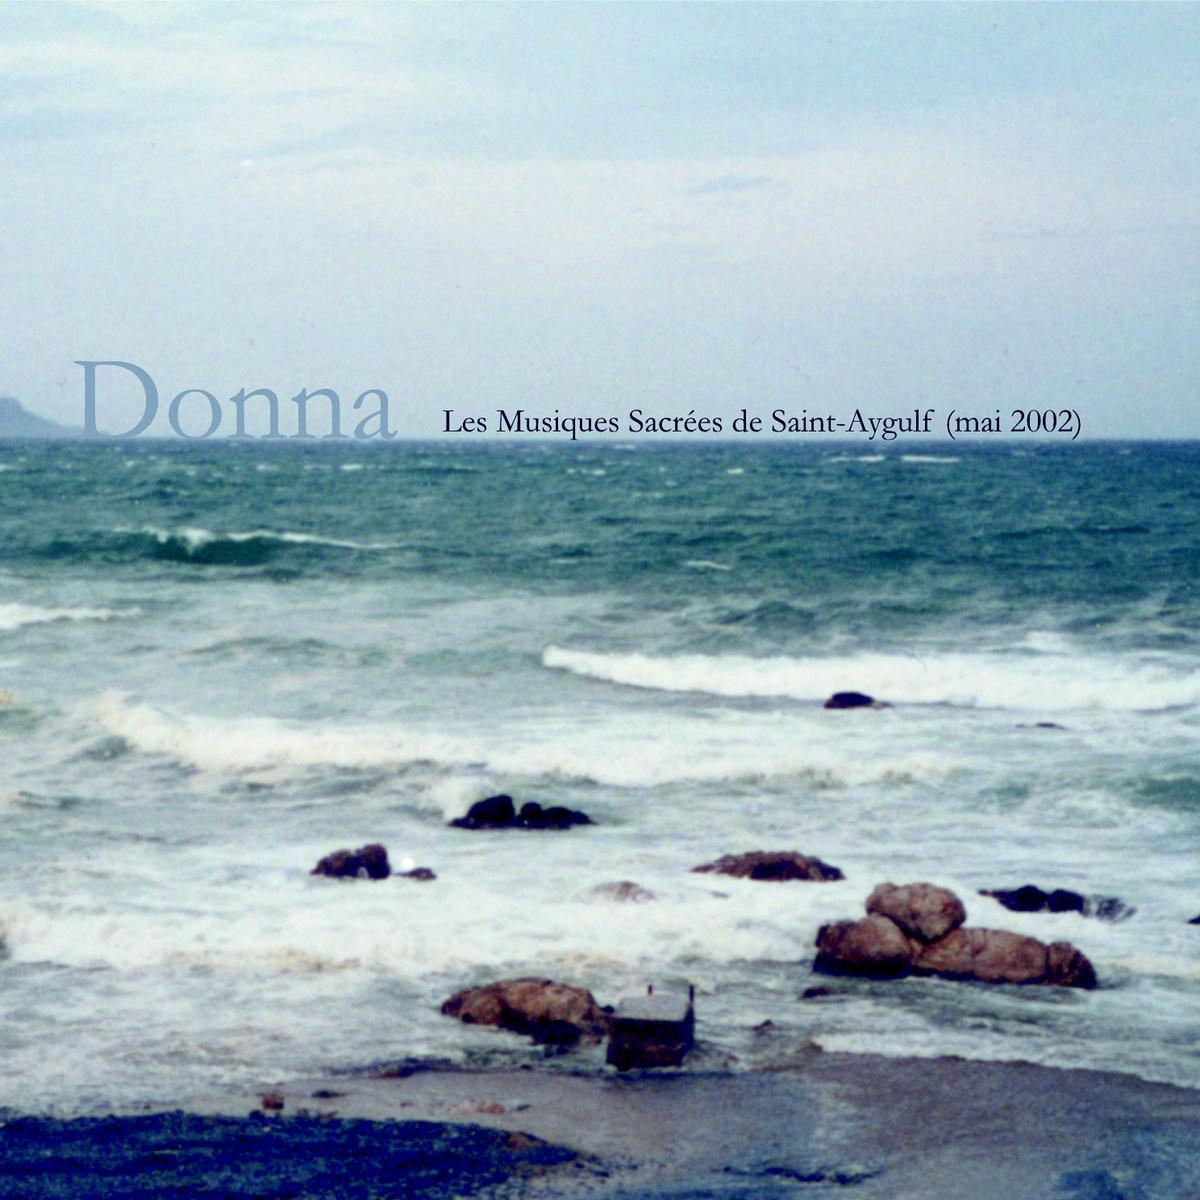 Donna - Les Musiques Sacrées de Saint-Aygulf